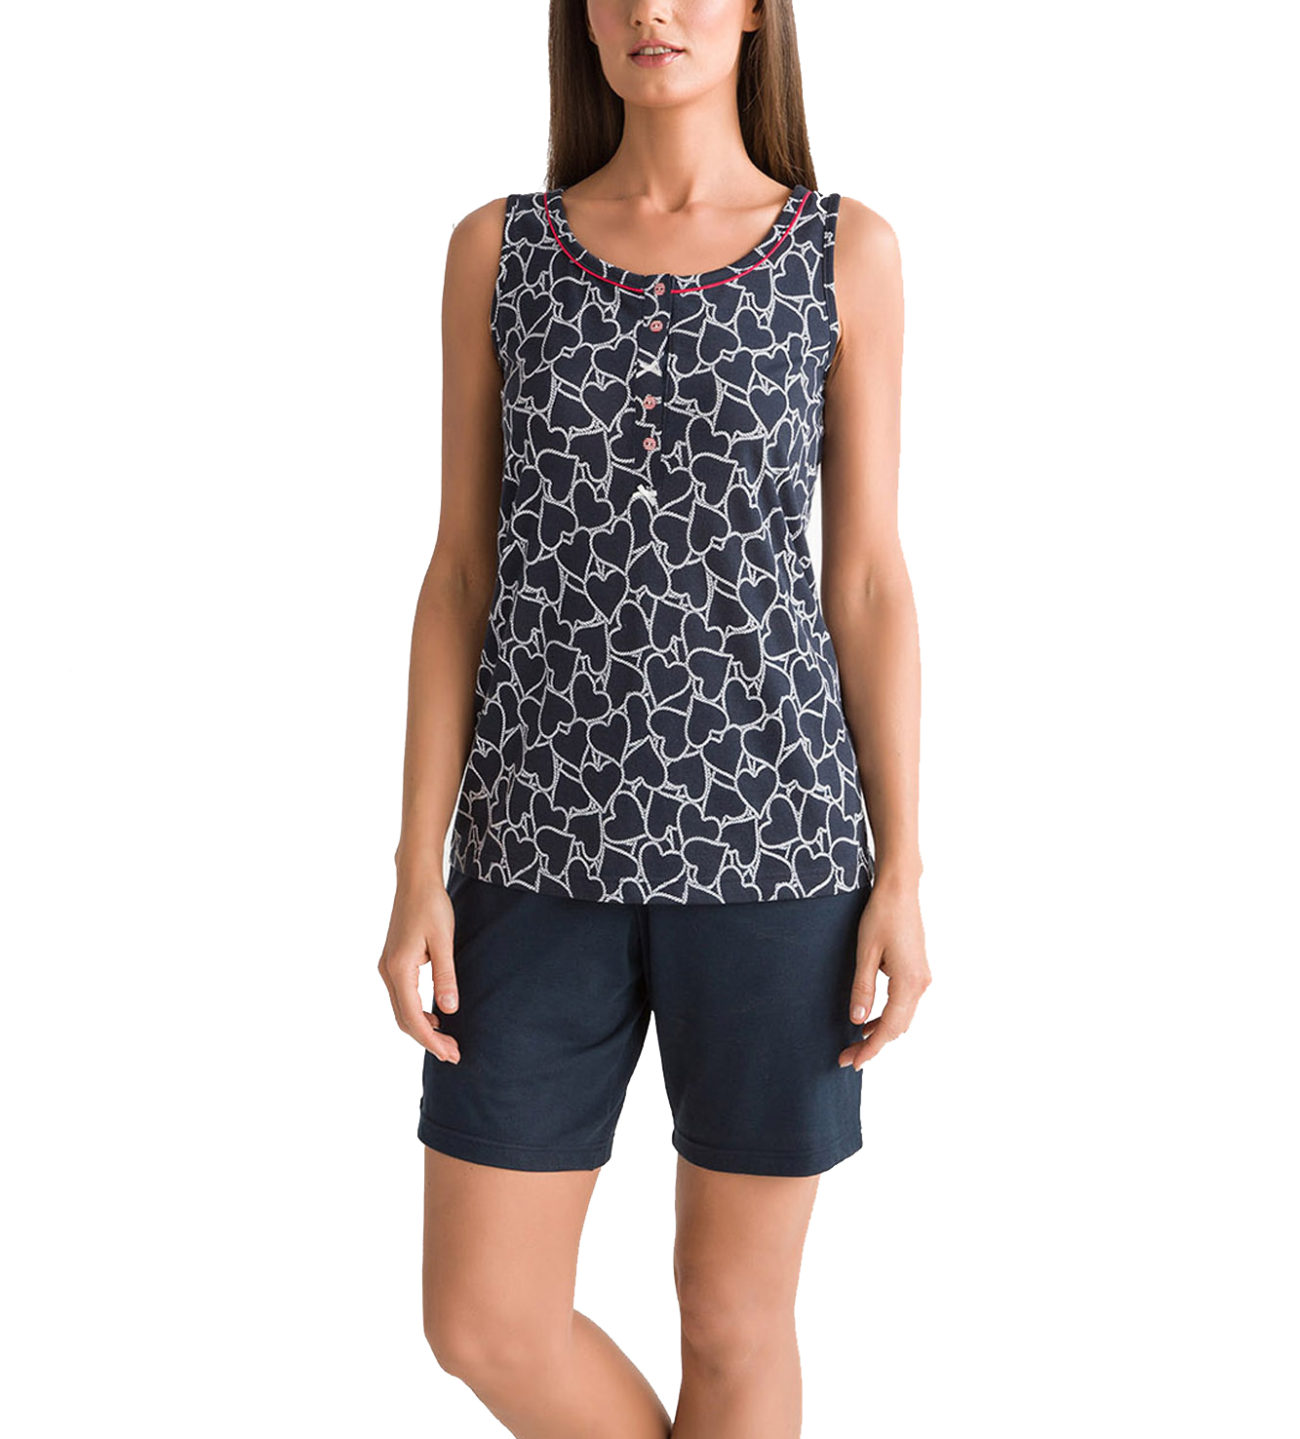 Γυναικεία Πυτζάμα Θηλασμού Vamp - 00-10-5506 Μπλε